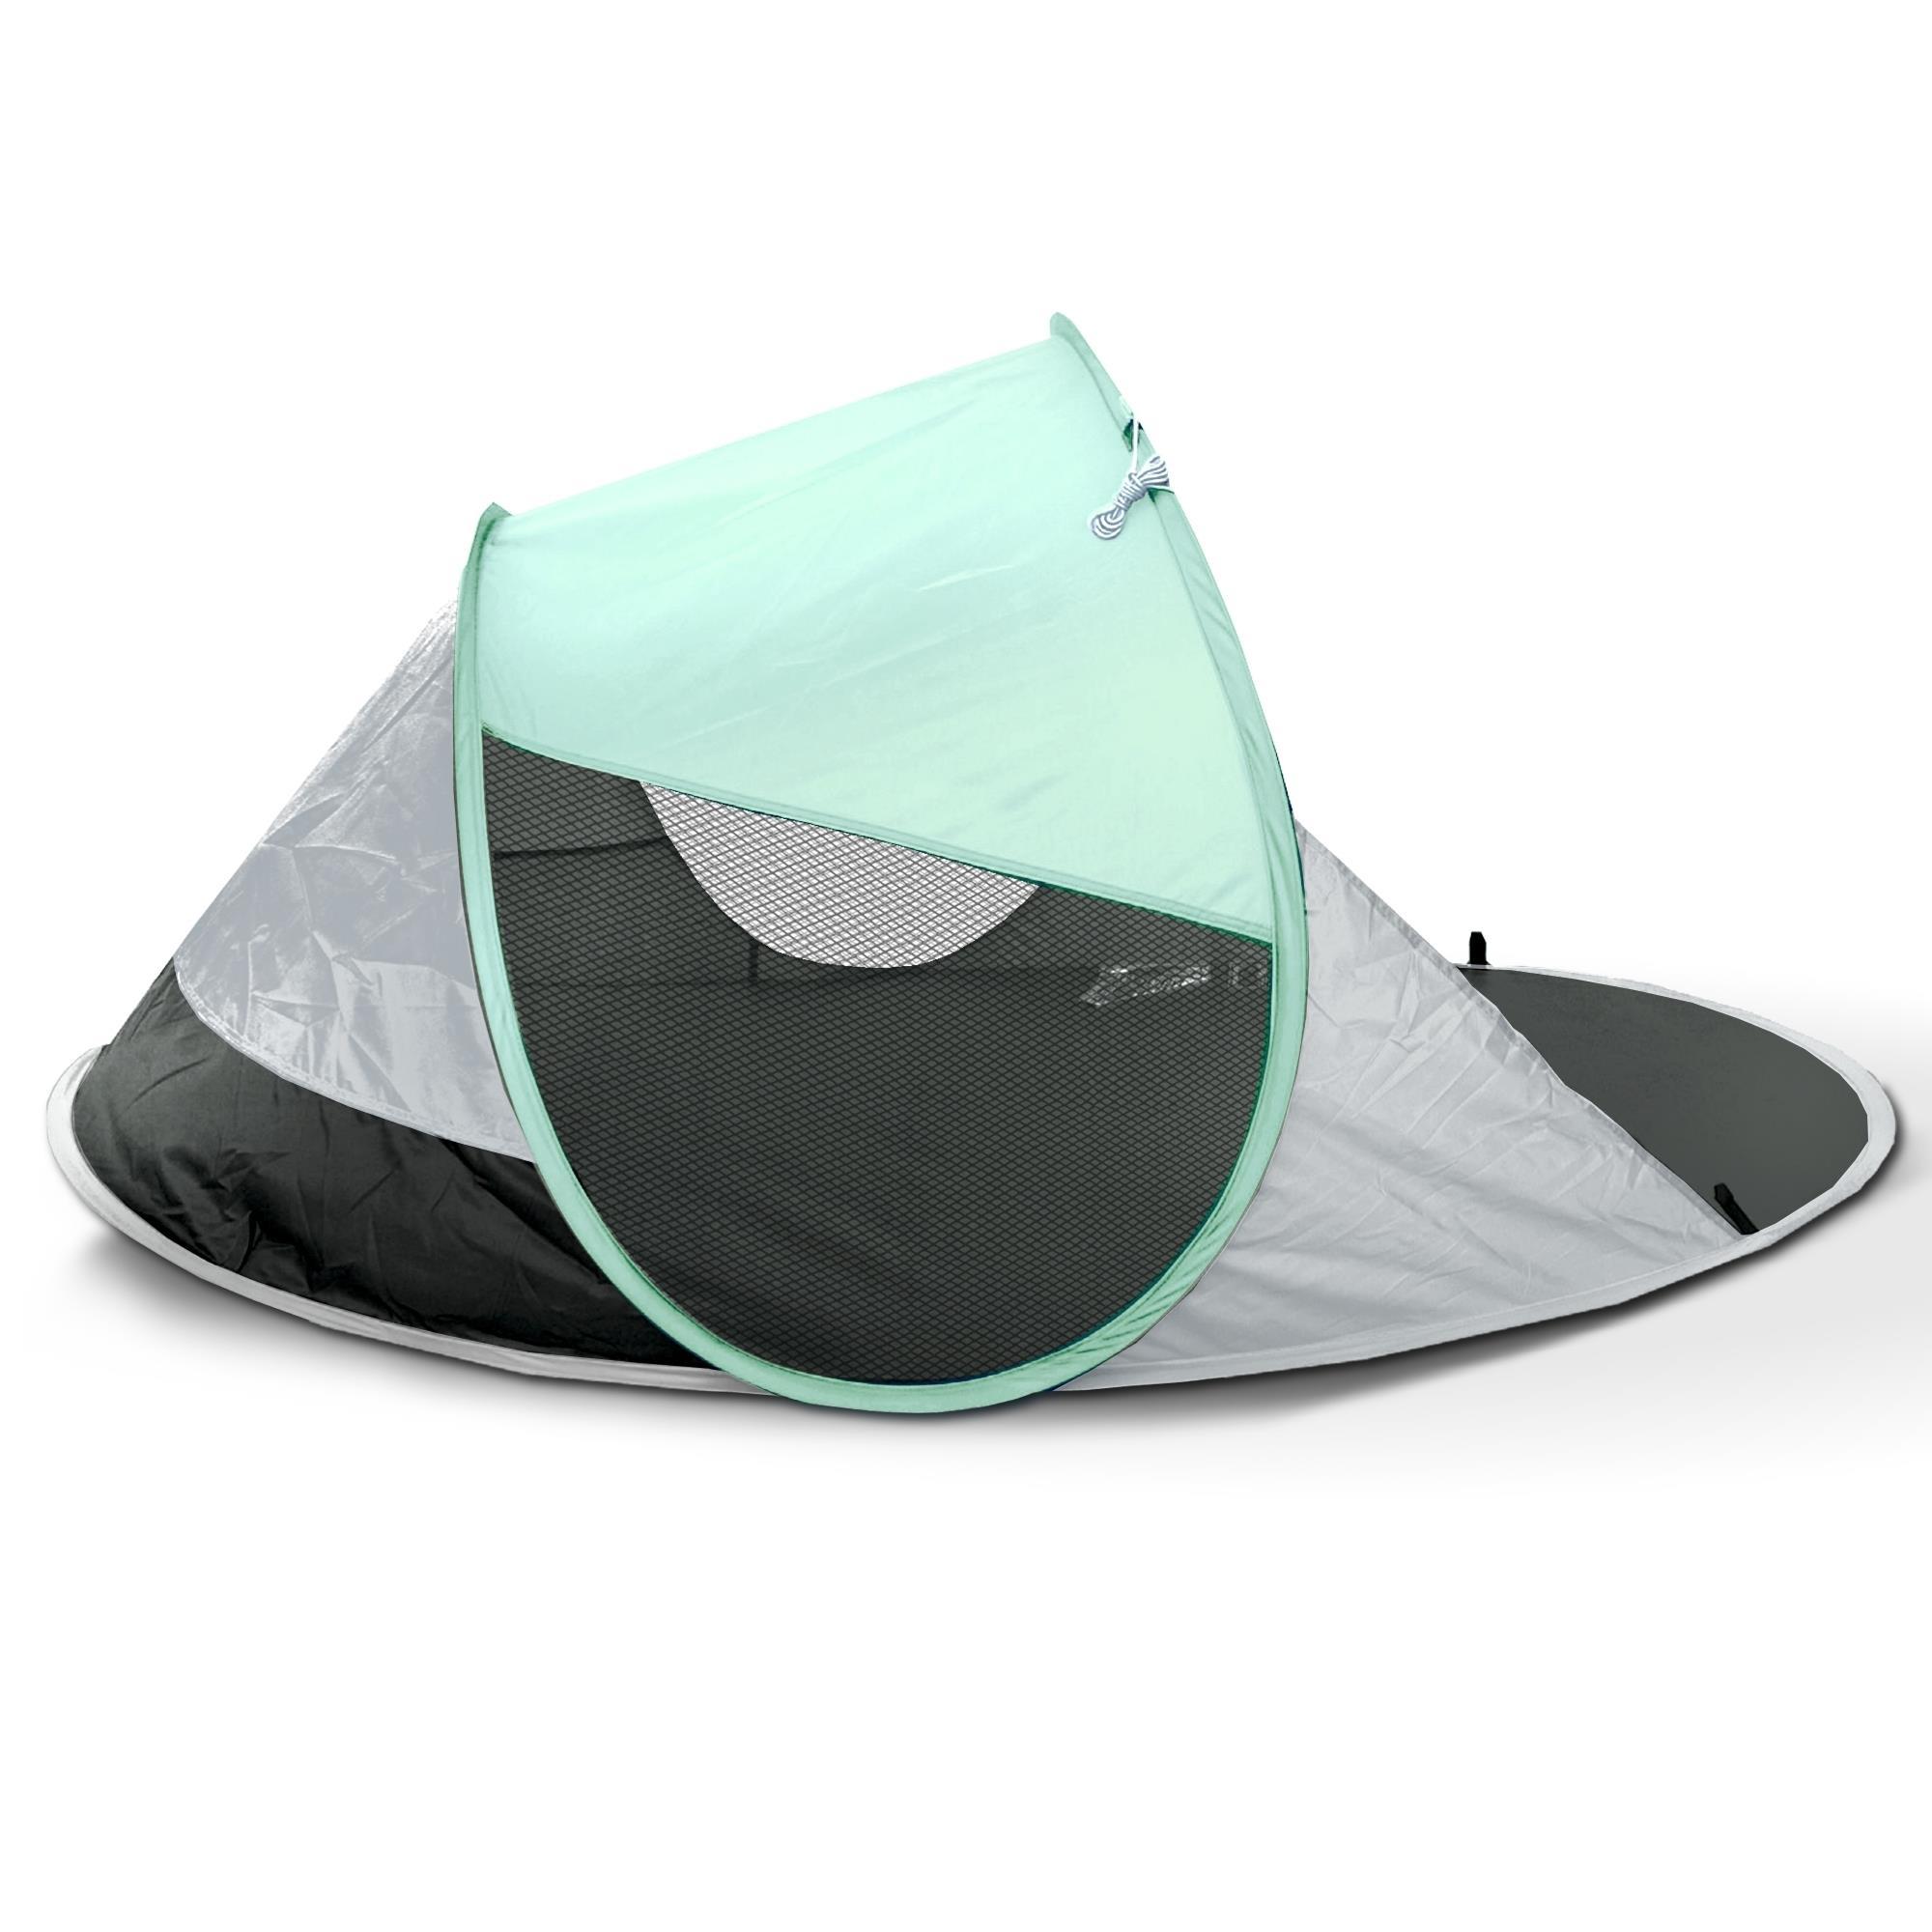 pop up strandmuschel wurfzelt zelt strandzelt sonnenschutz windschutz uv 40 ebay. Black Bedroom Furniture Sets. Home Design Ideas